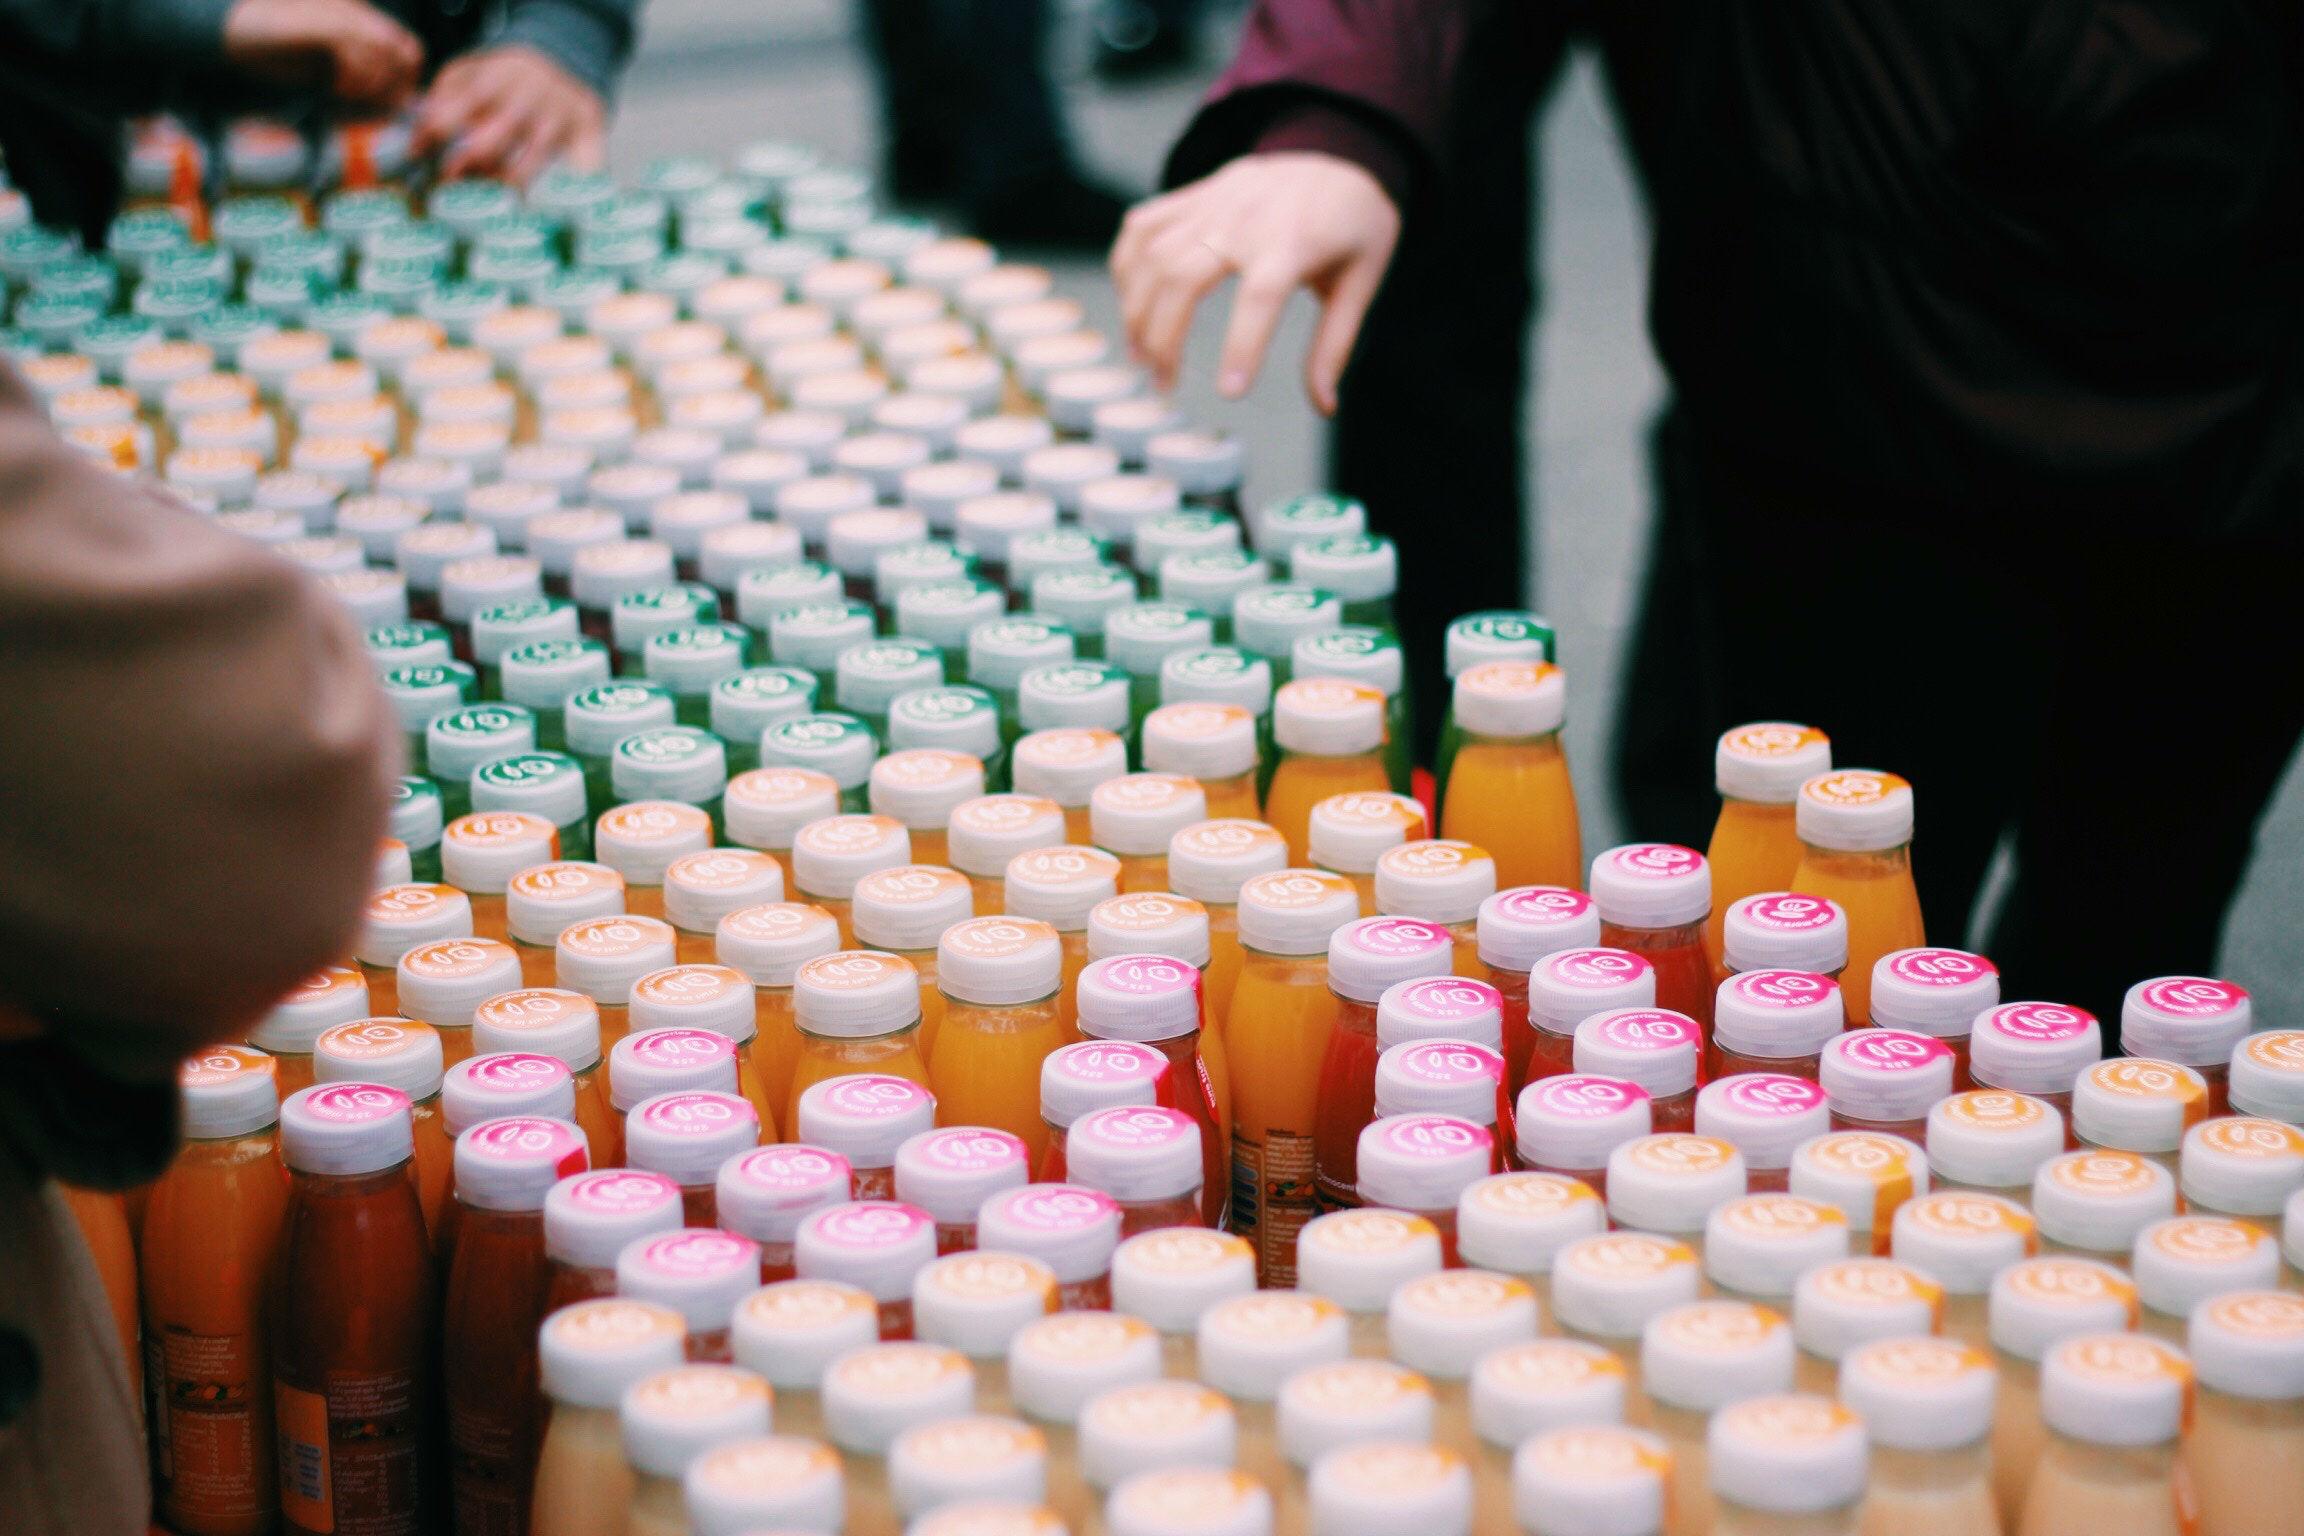 Sig farvel til vatpinde og sugerør af plast og goddag til pant på juice- og saftflasker